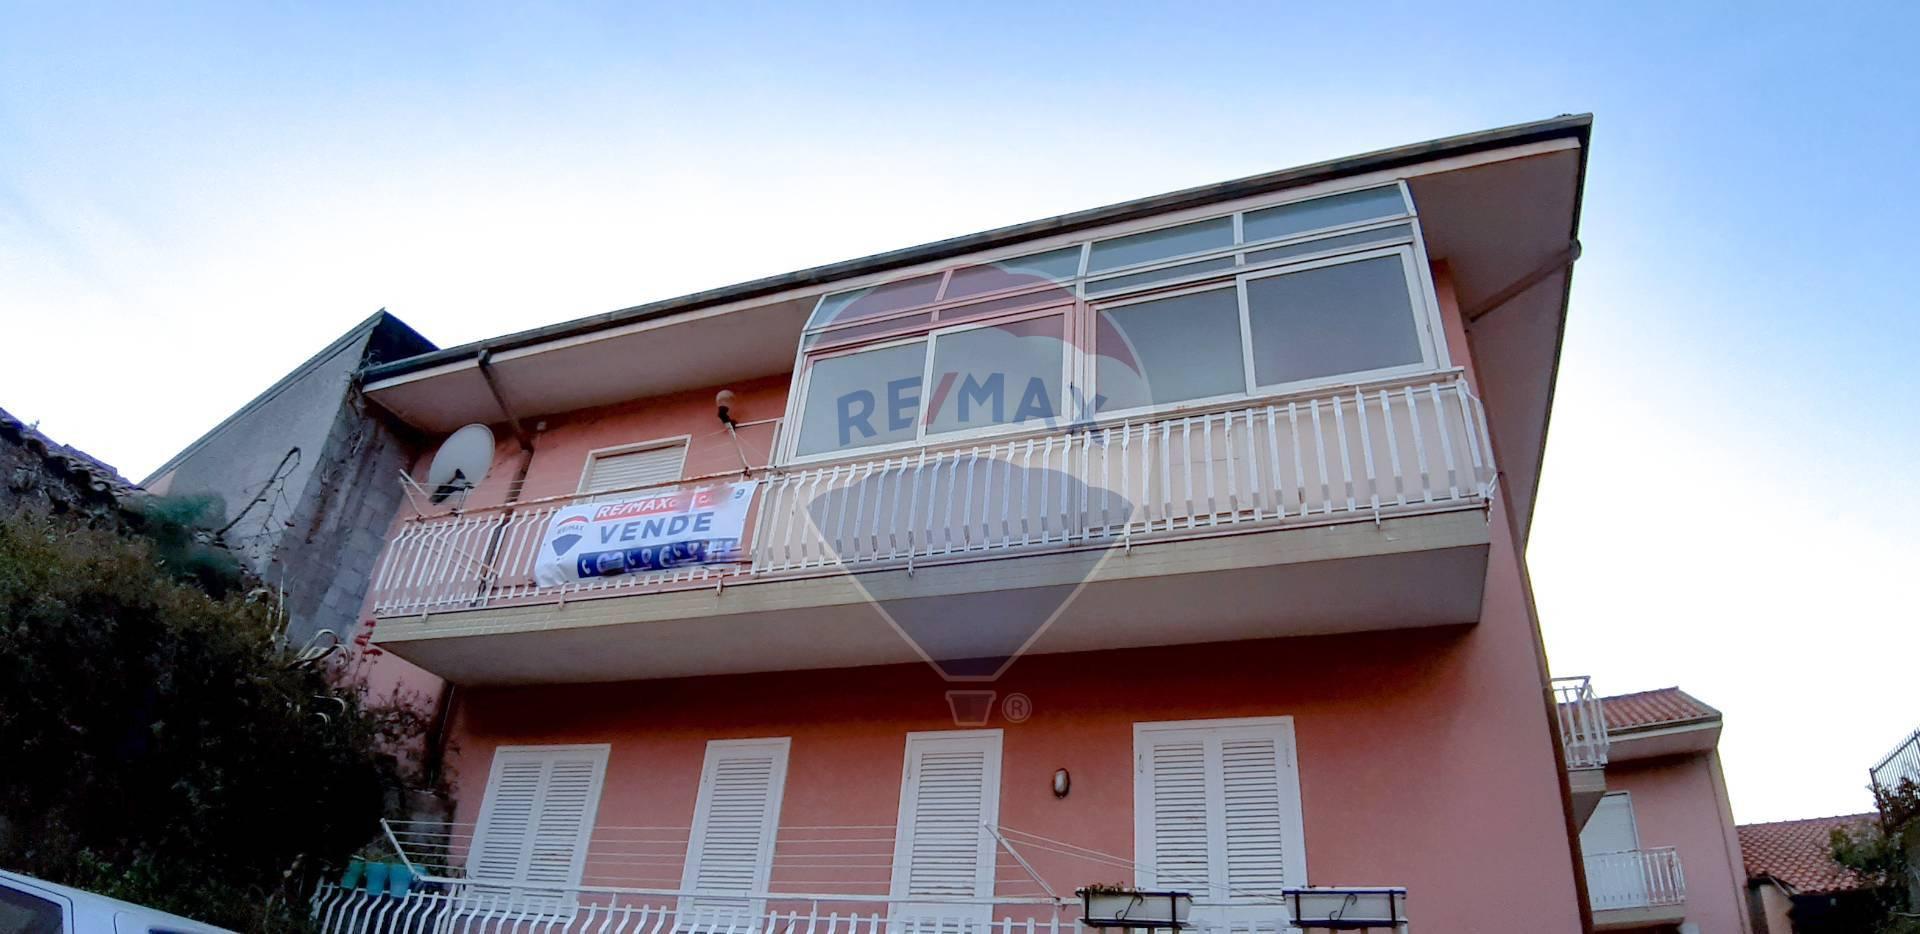 Appartamento in vendita a Camporotondo Etneo, 6 locali, prezzo € 99.000   CambioCasa.it